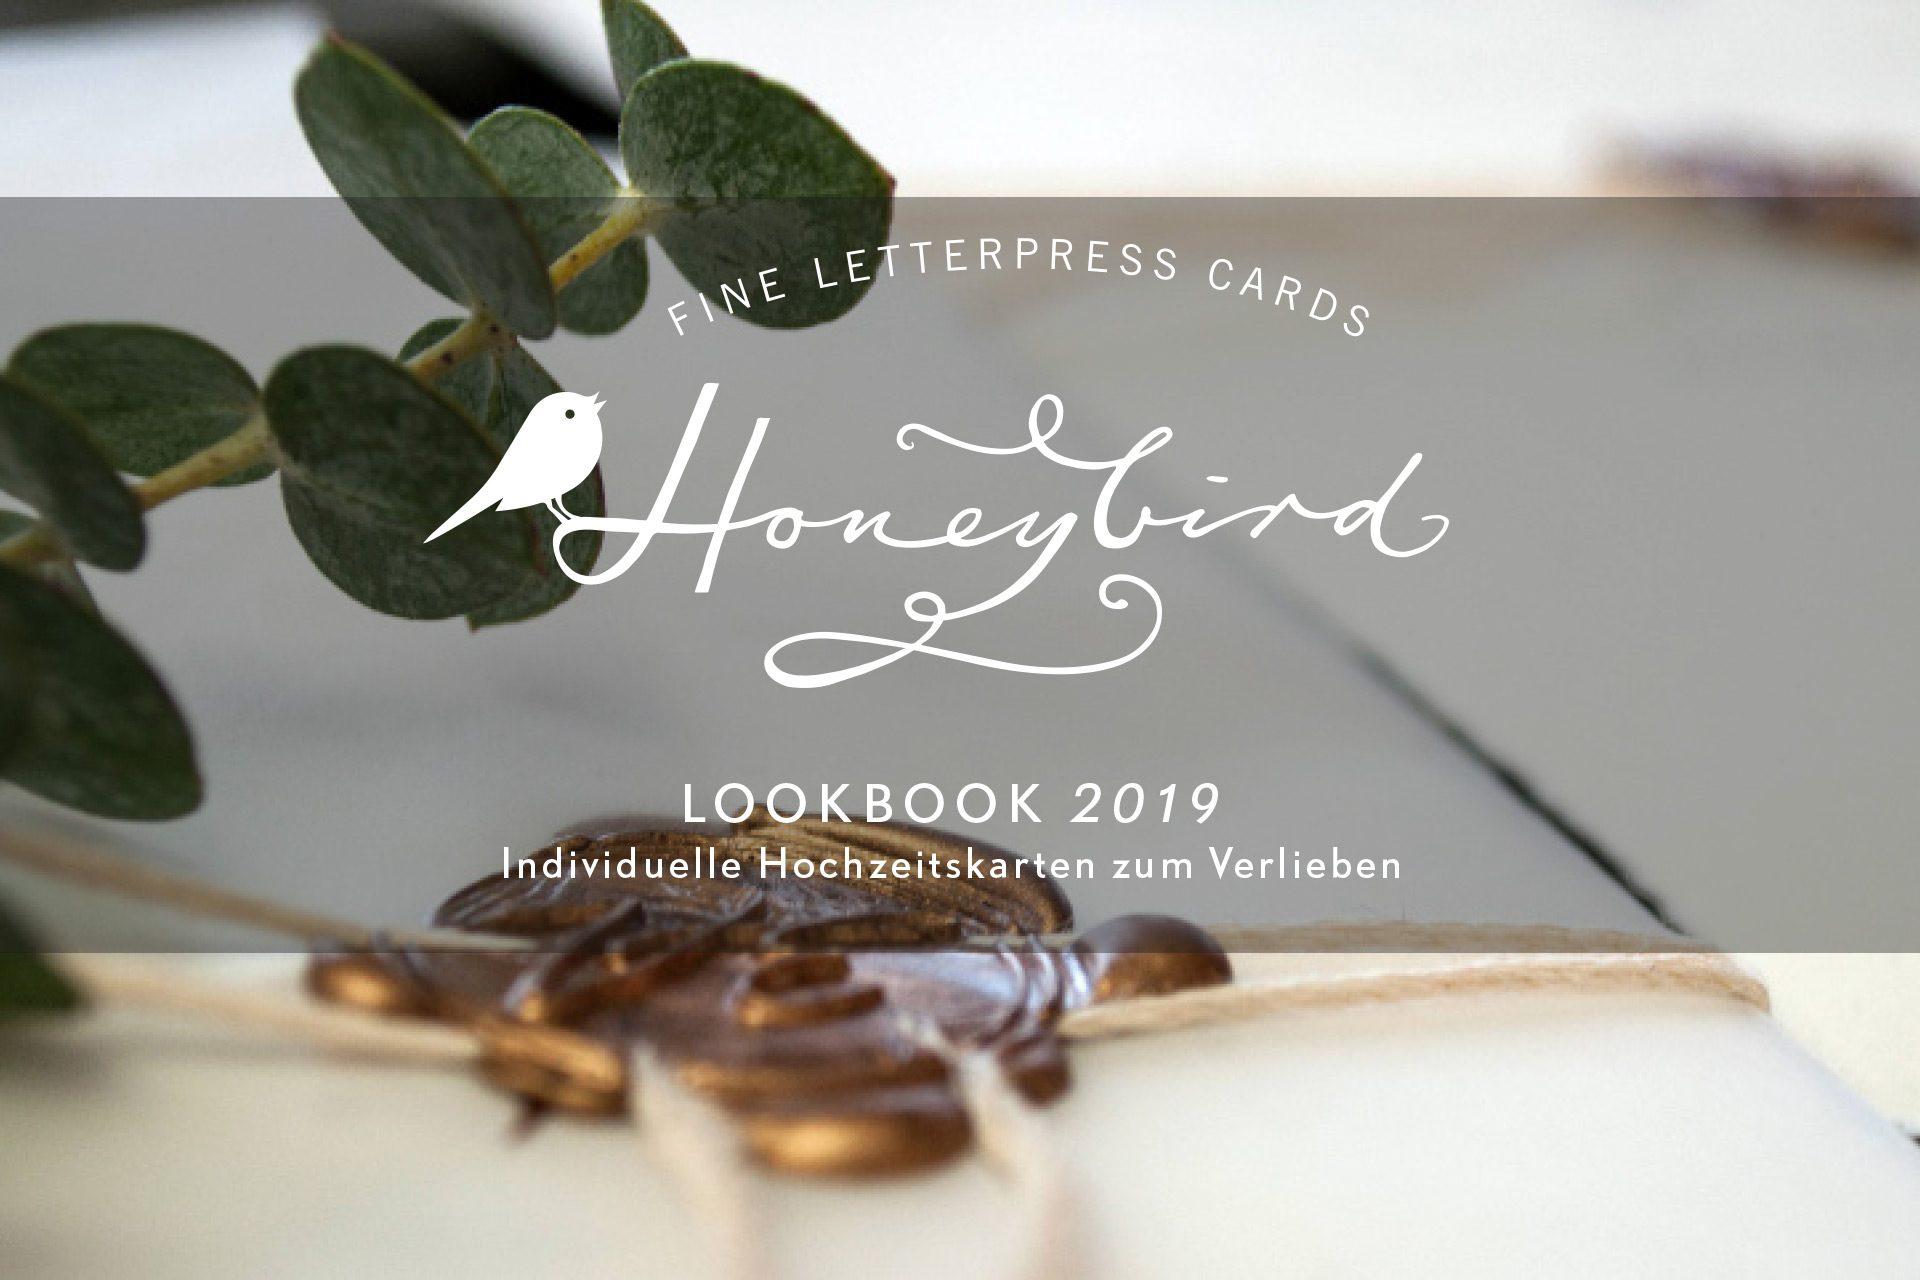 Lookbook zu Hochzeitskarten von Honeybird.